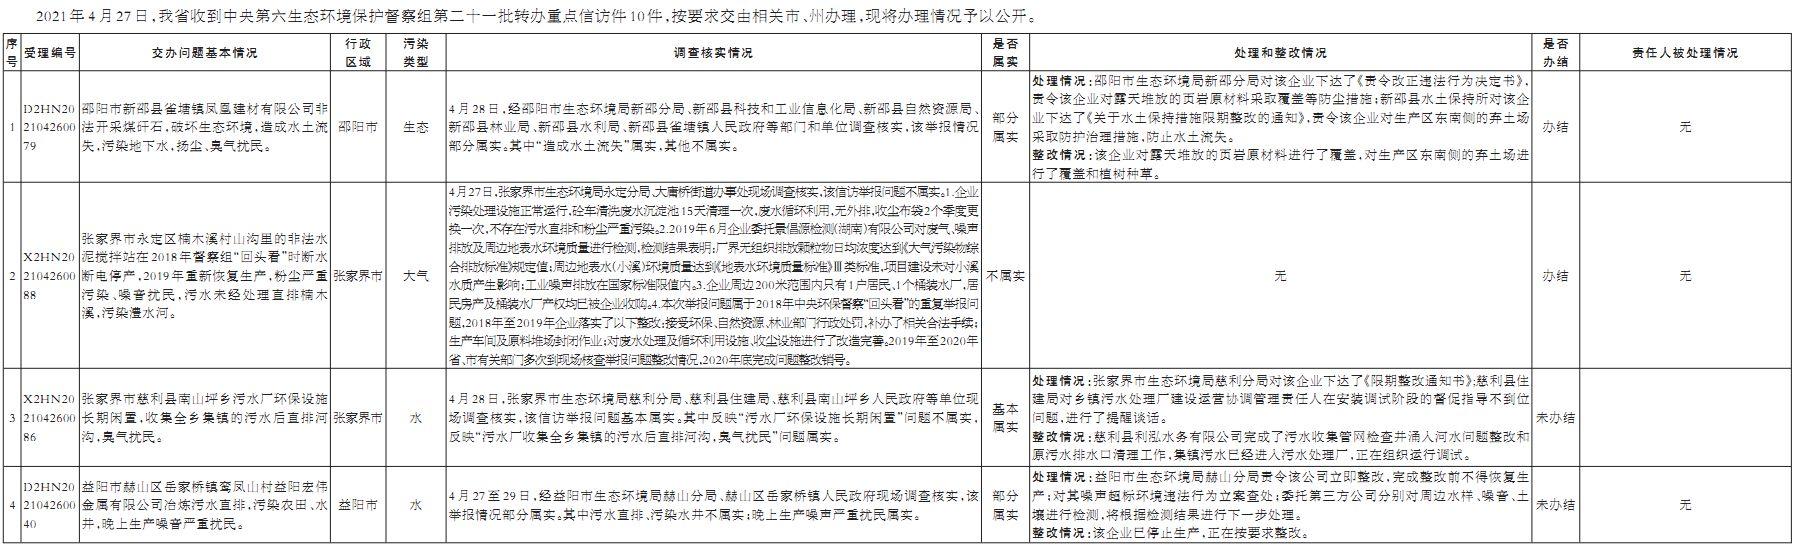 群眾信訪舉報轉辦和邊督邊改公開情況一覽表